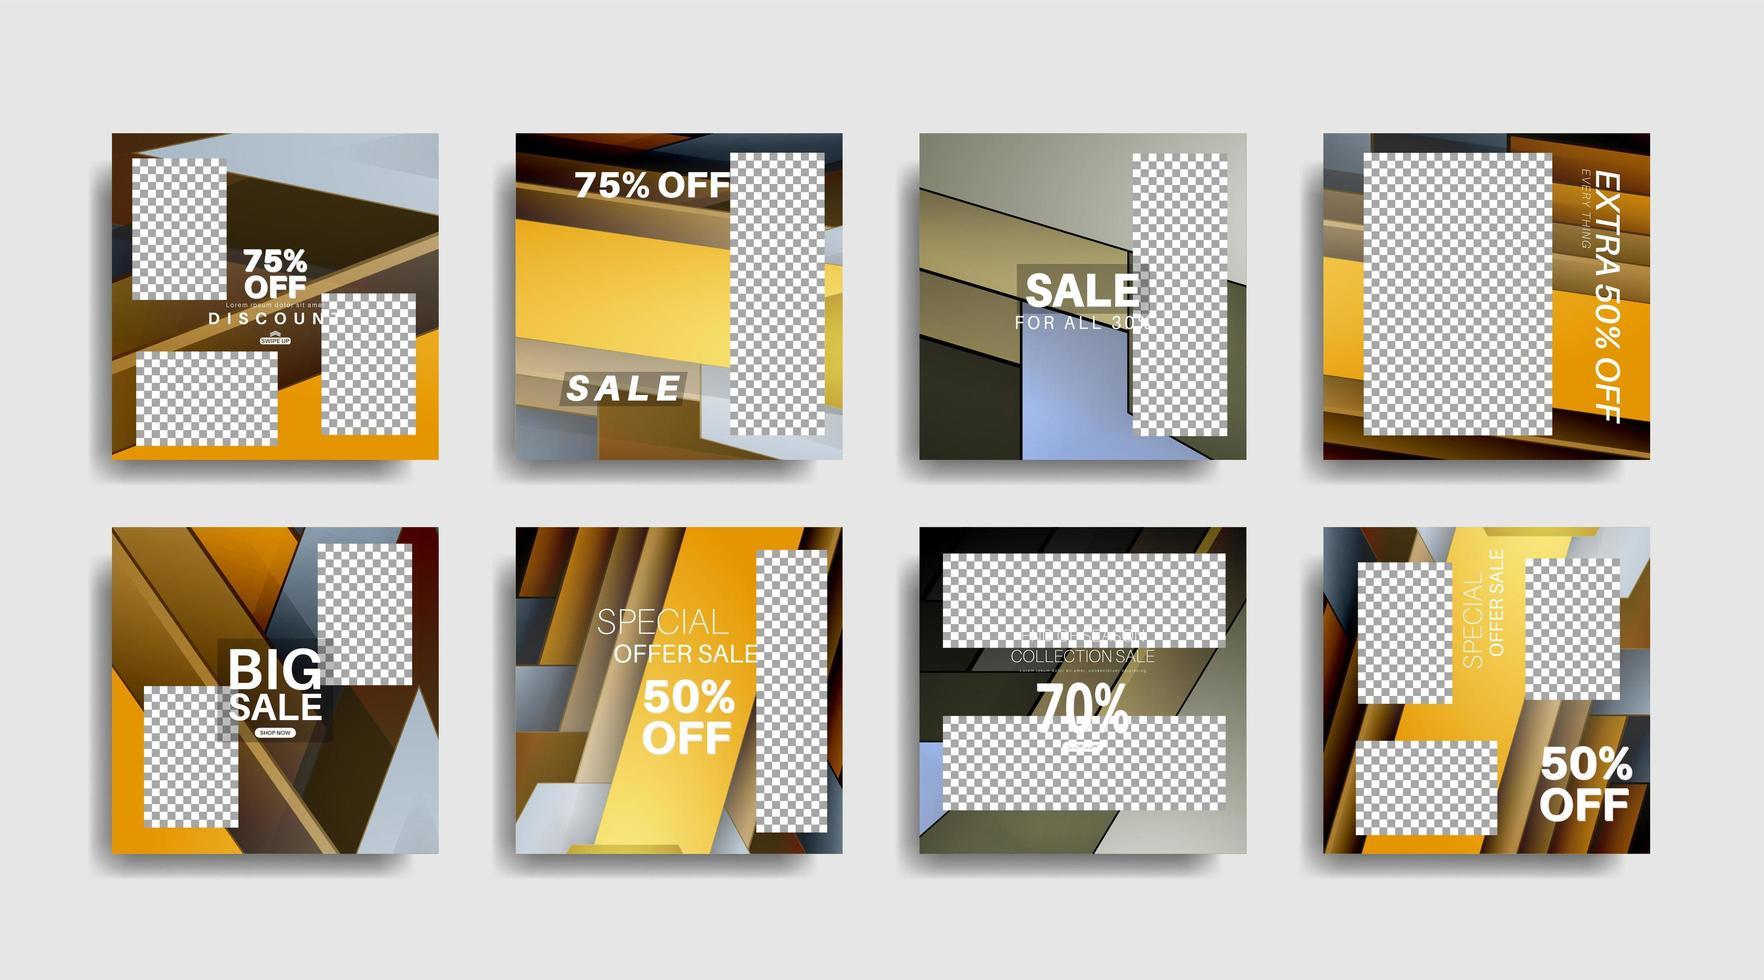 modernes Werbequadrat-Webbanner für soziale Medien. Vektordesign vektor